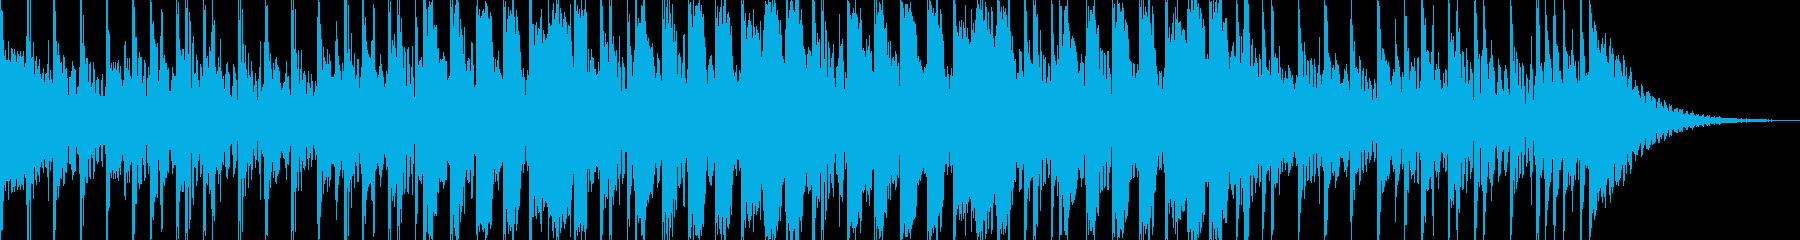 23秒 爽快なドラムと口笛の再生済みの波形